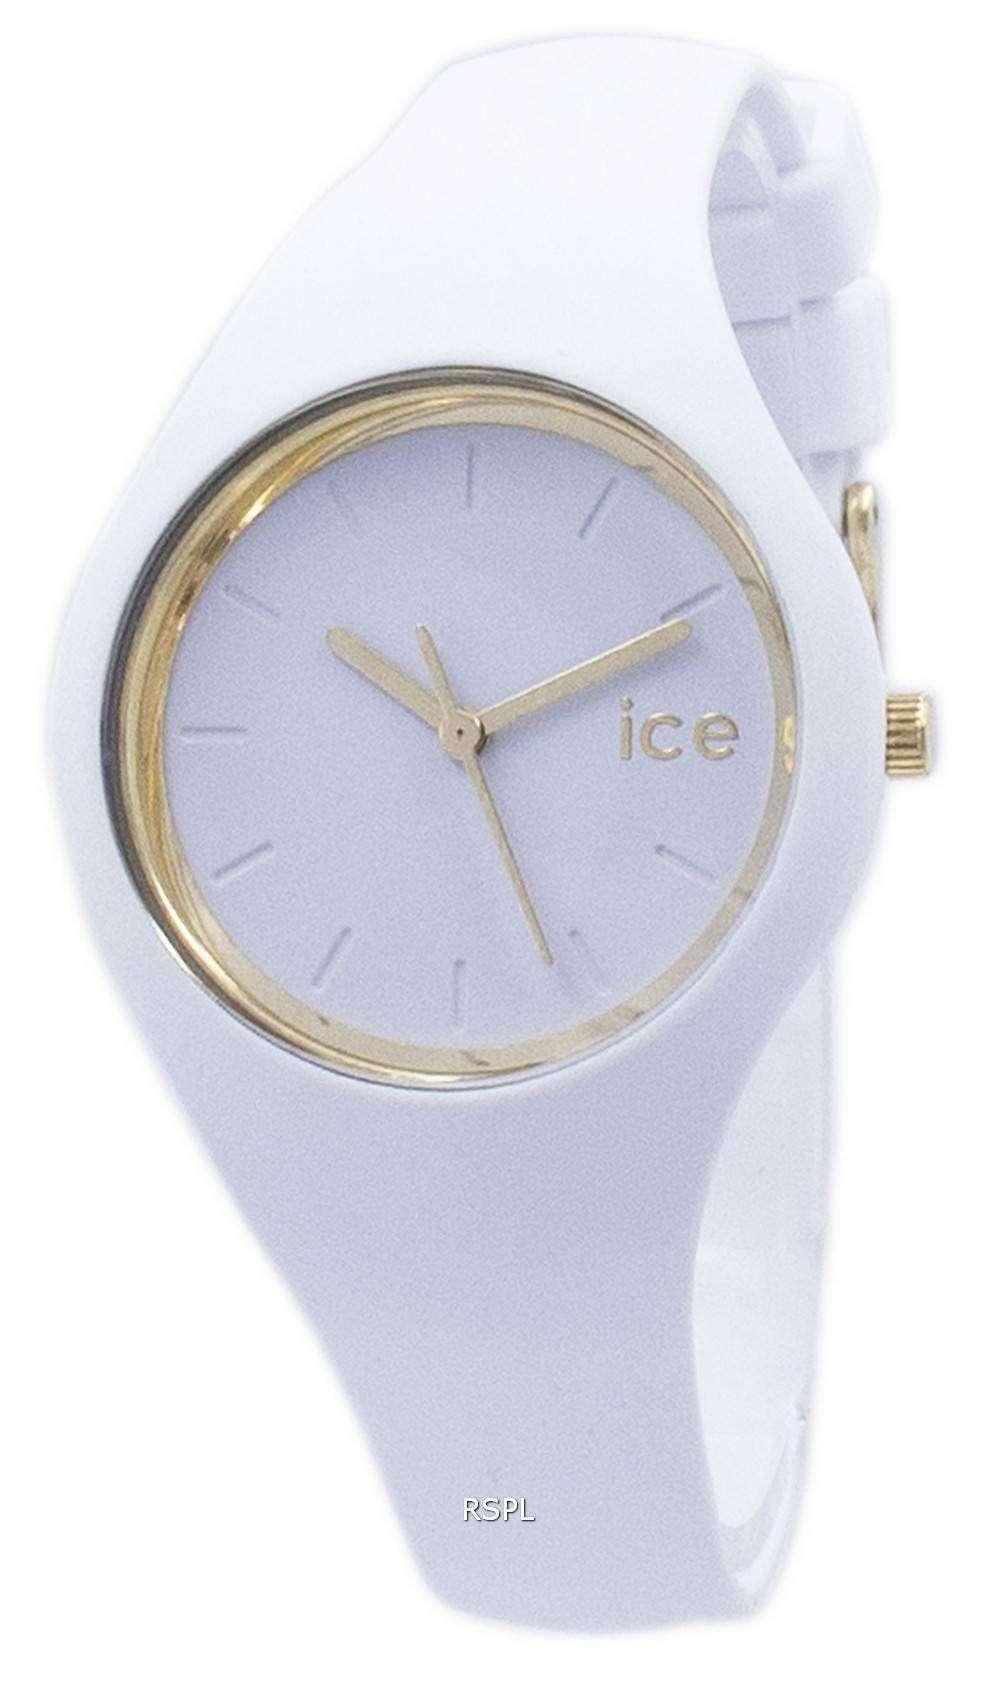 氷のグラムの小さな石英 000981 レディース腕時計